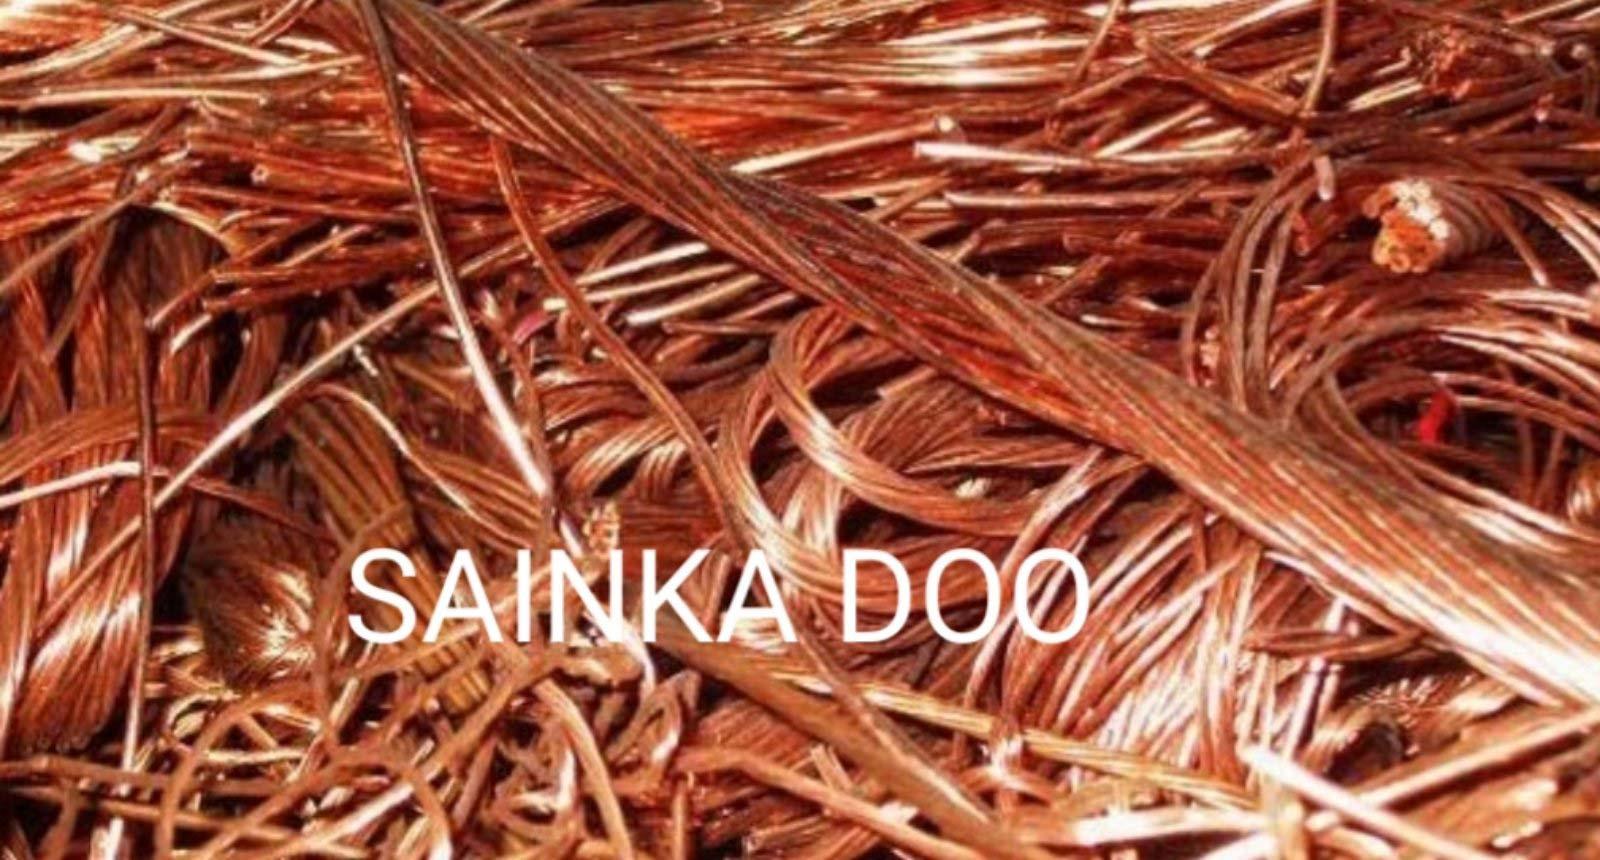 Otkup sekundarnih sirovina Sainka